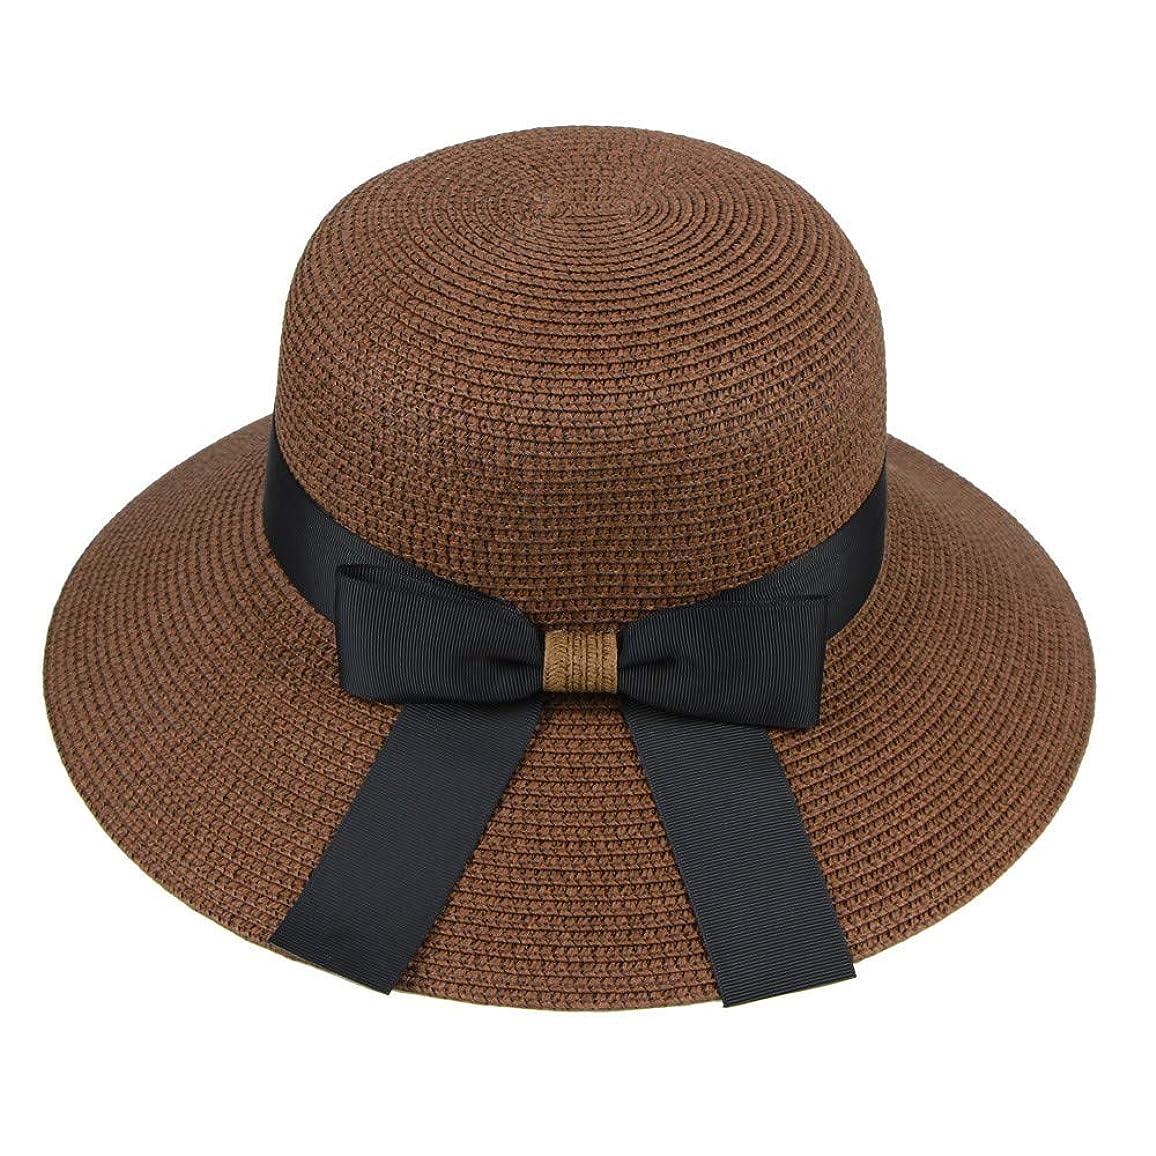 熟考するスクリーチ平和な漁師帽 帽子 レディース UVカット 帽子 夏季 海 旅行 UV帽子 日焼け防止 つば広 取り外すあご紐 おしゃれ 可愛い ワイルド カジュアル スタイル ファッション シンプル 夏 ビーチ 必須 小顔効果 ROSE ROMAN